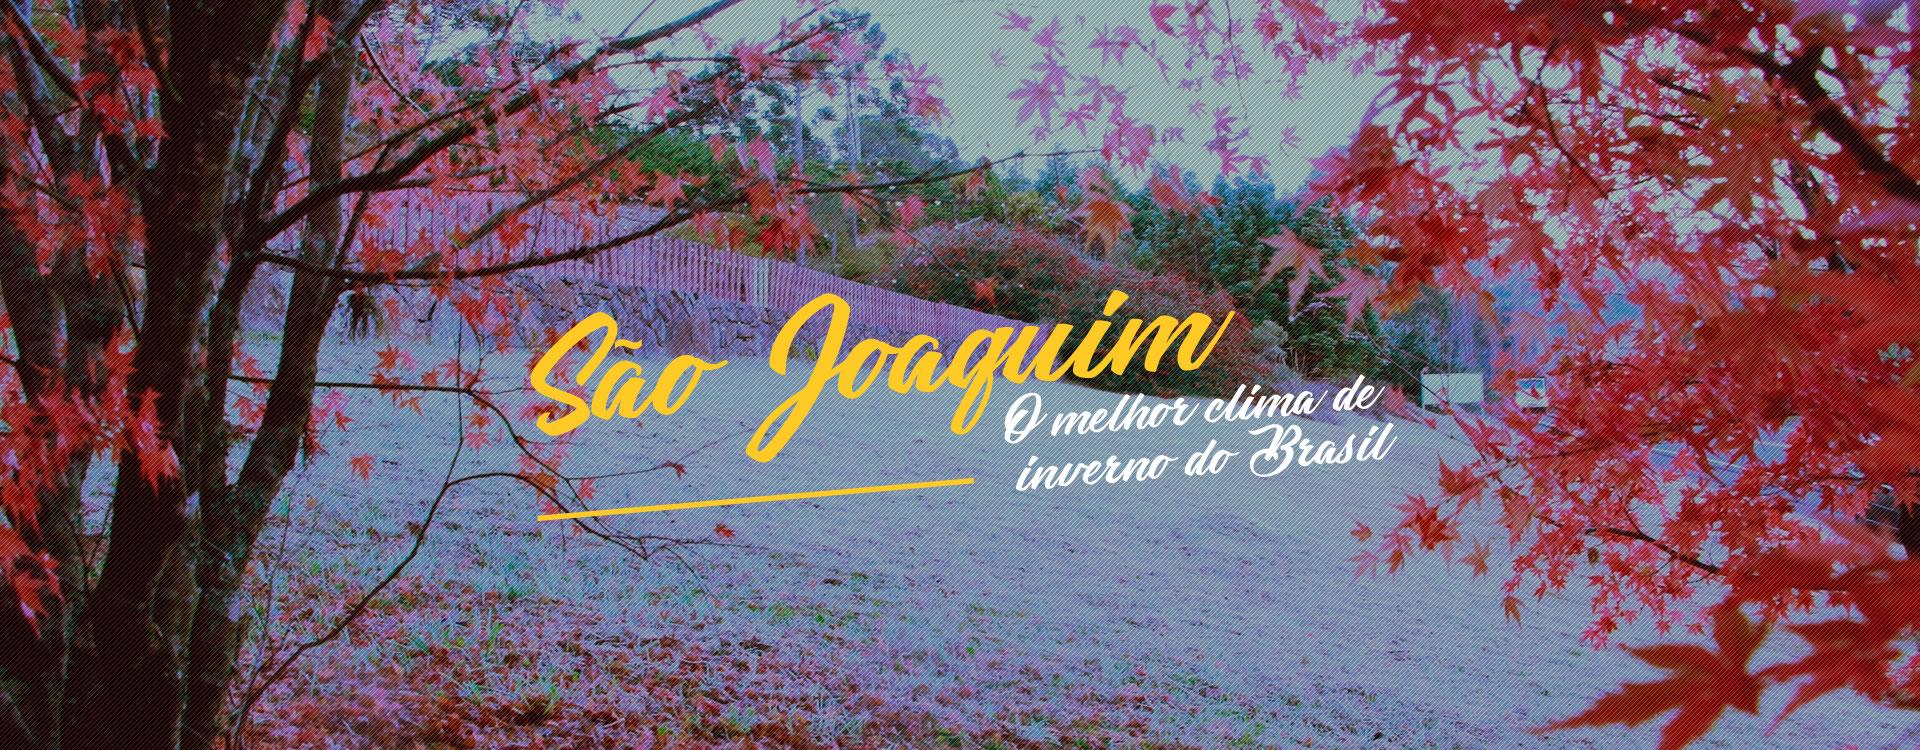 Banner São Joaquim